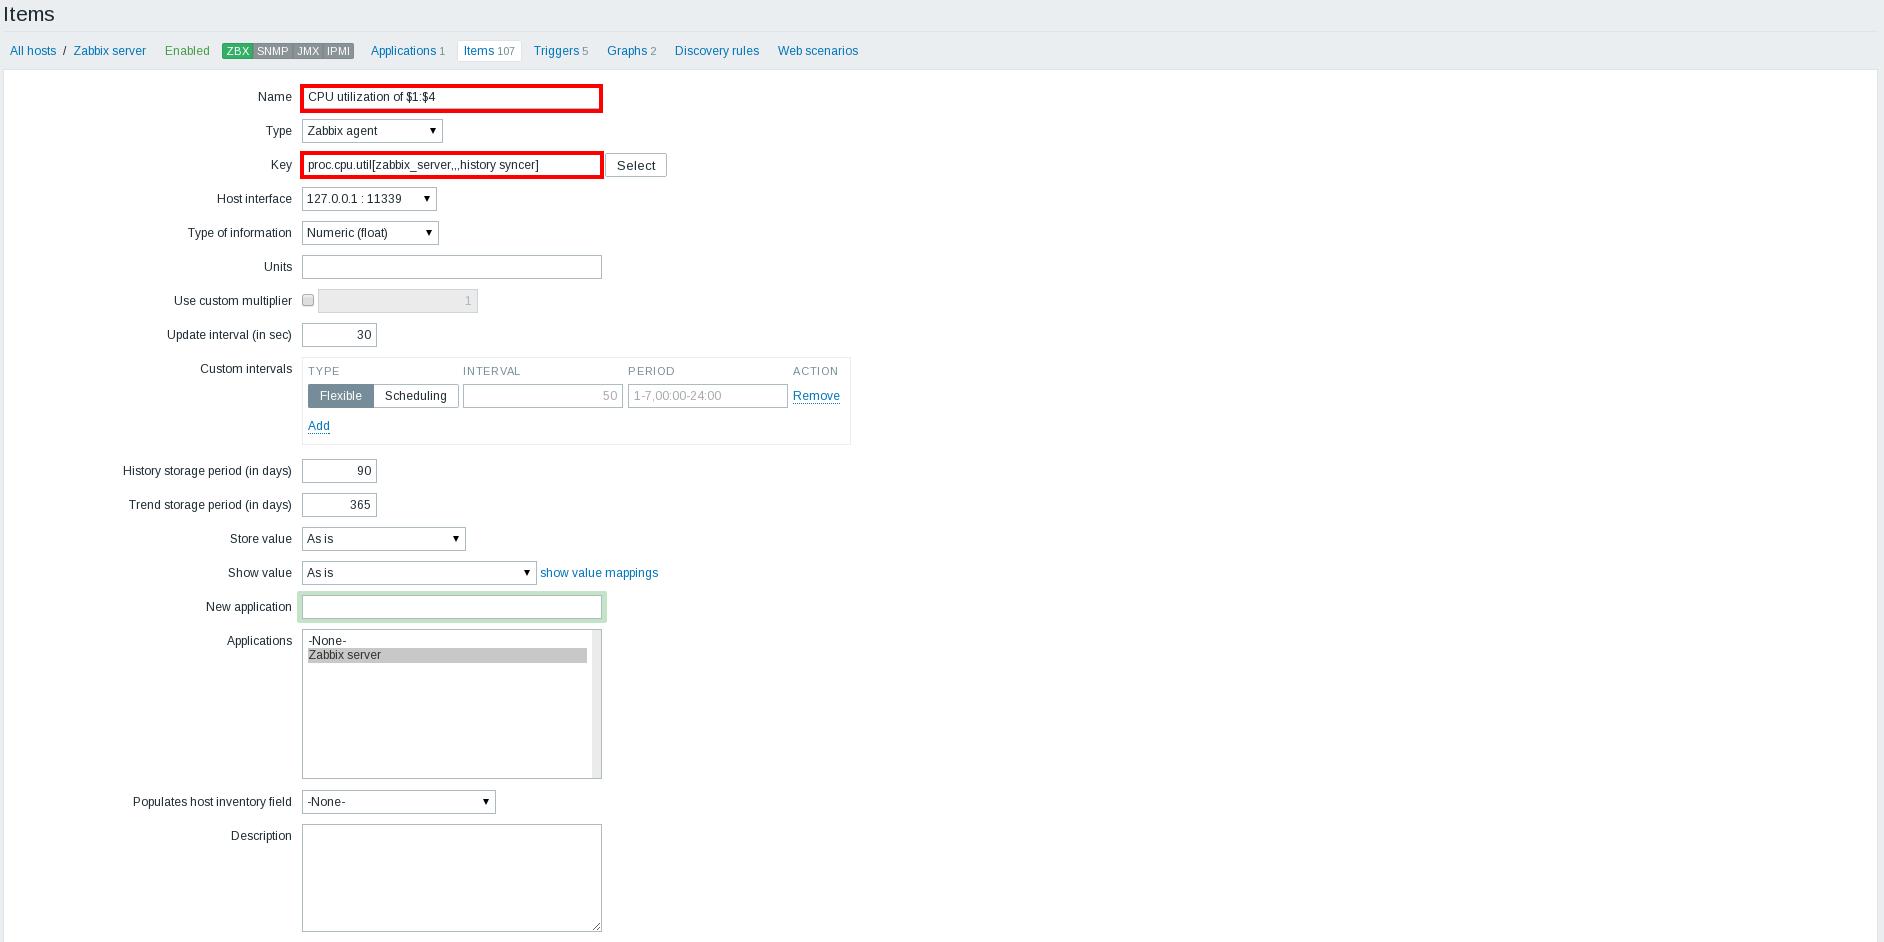 Zabbix 3.0